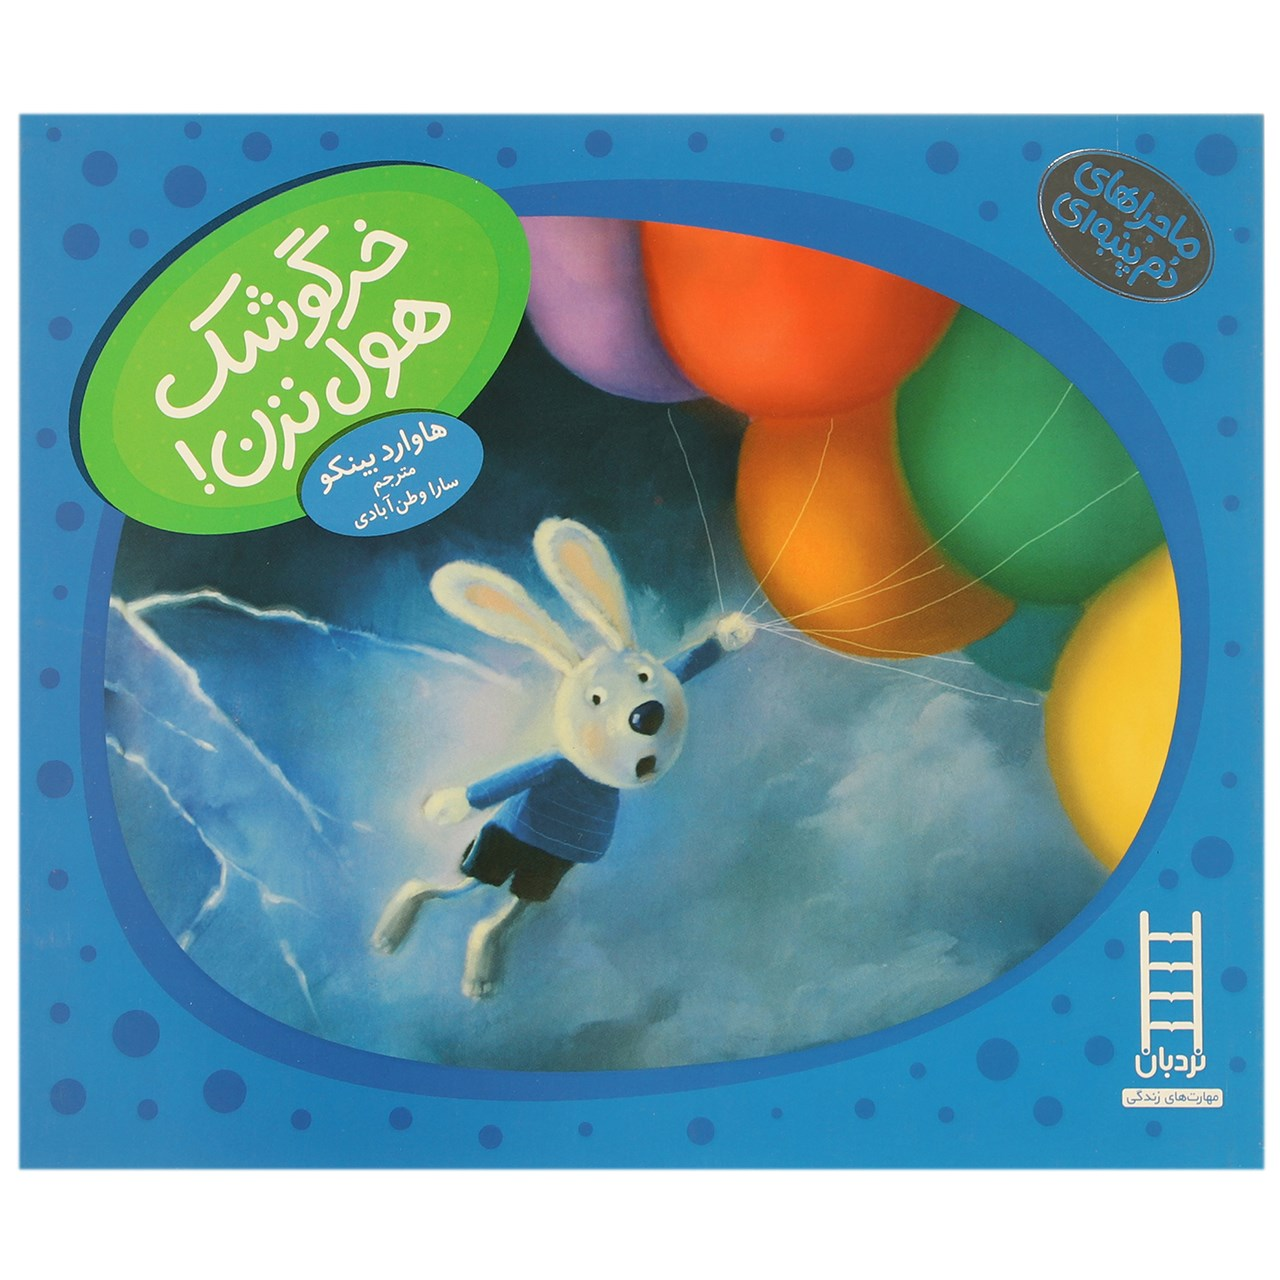 خرید                      کتاب خرگوشک هول نزن اثر هاروارد بینکو